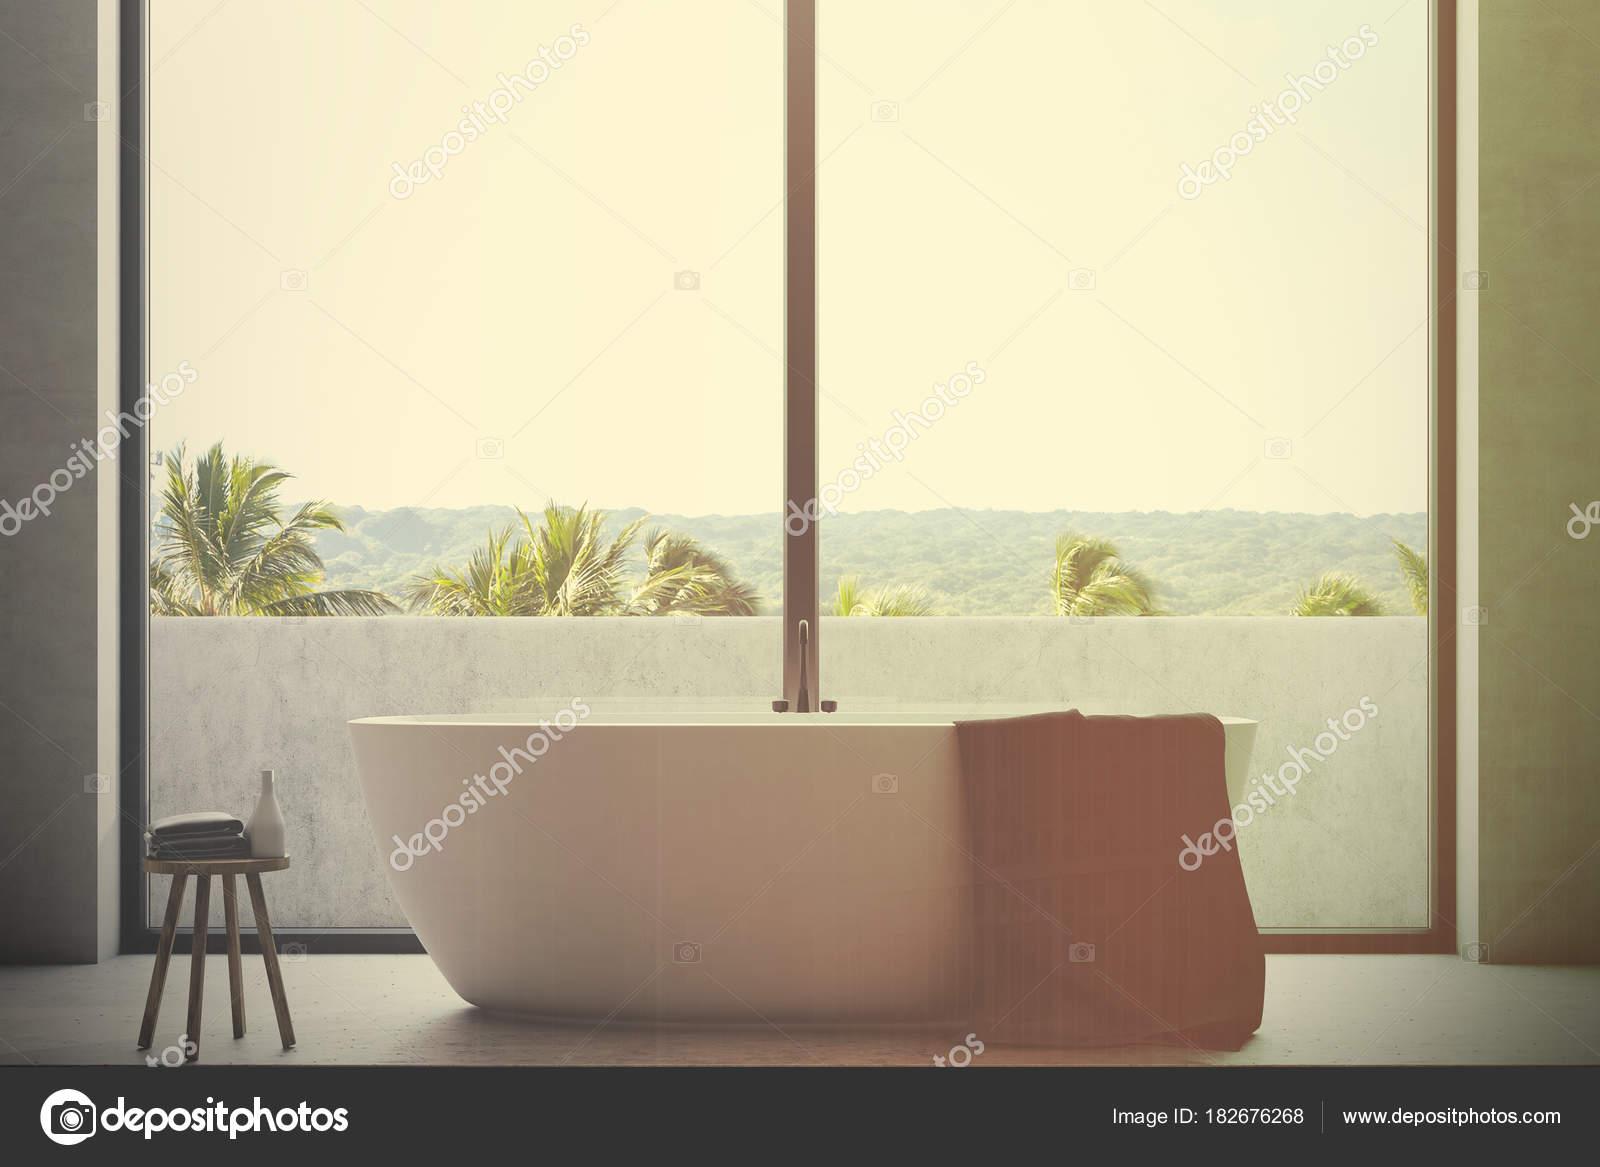 Vasca Da Bagno Doppia : Vasca da bagno bianca nelle vicinanze fino tonica u foto stock